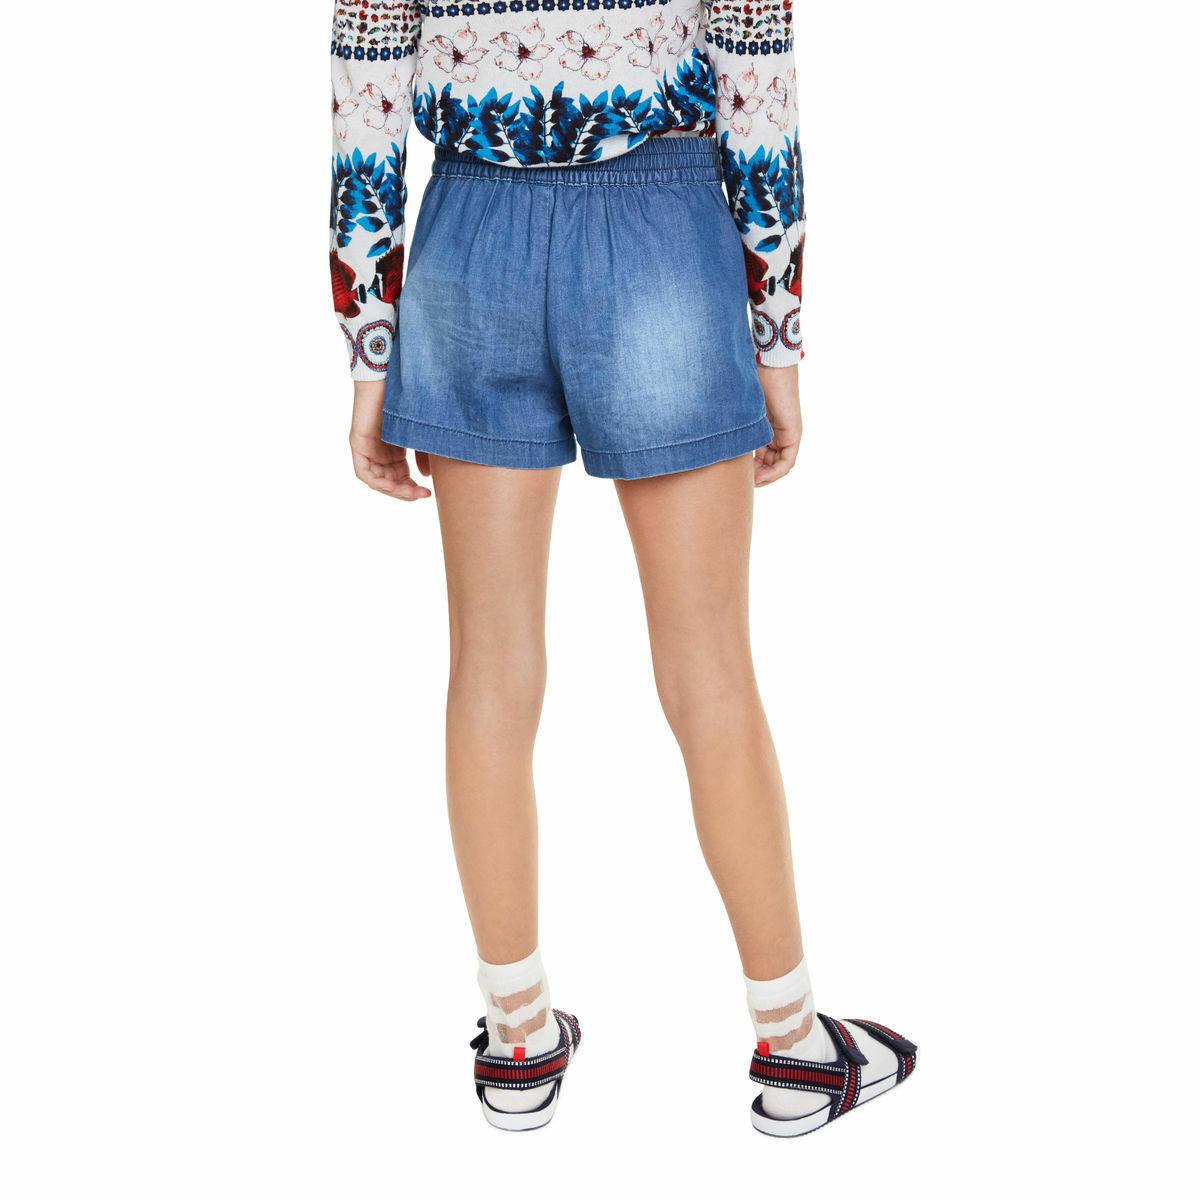 Bild 5 von Desigual Mädchen Jeansshorts